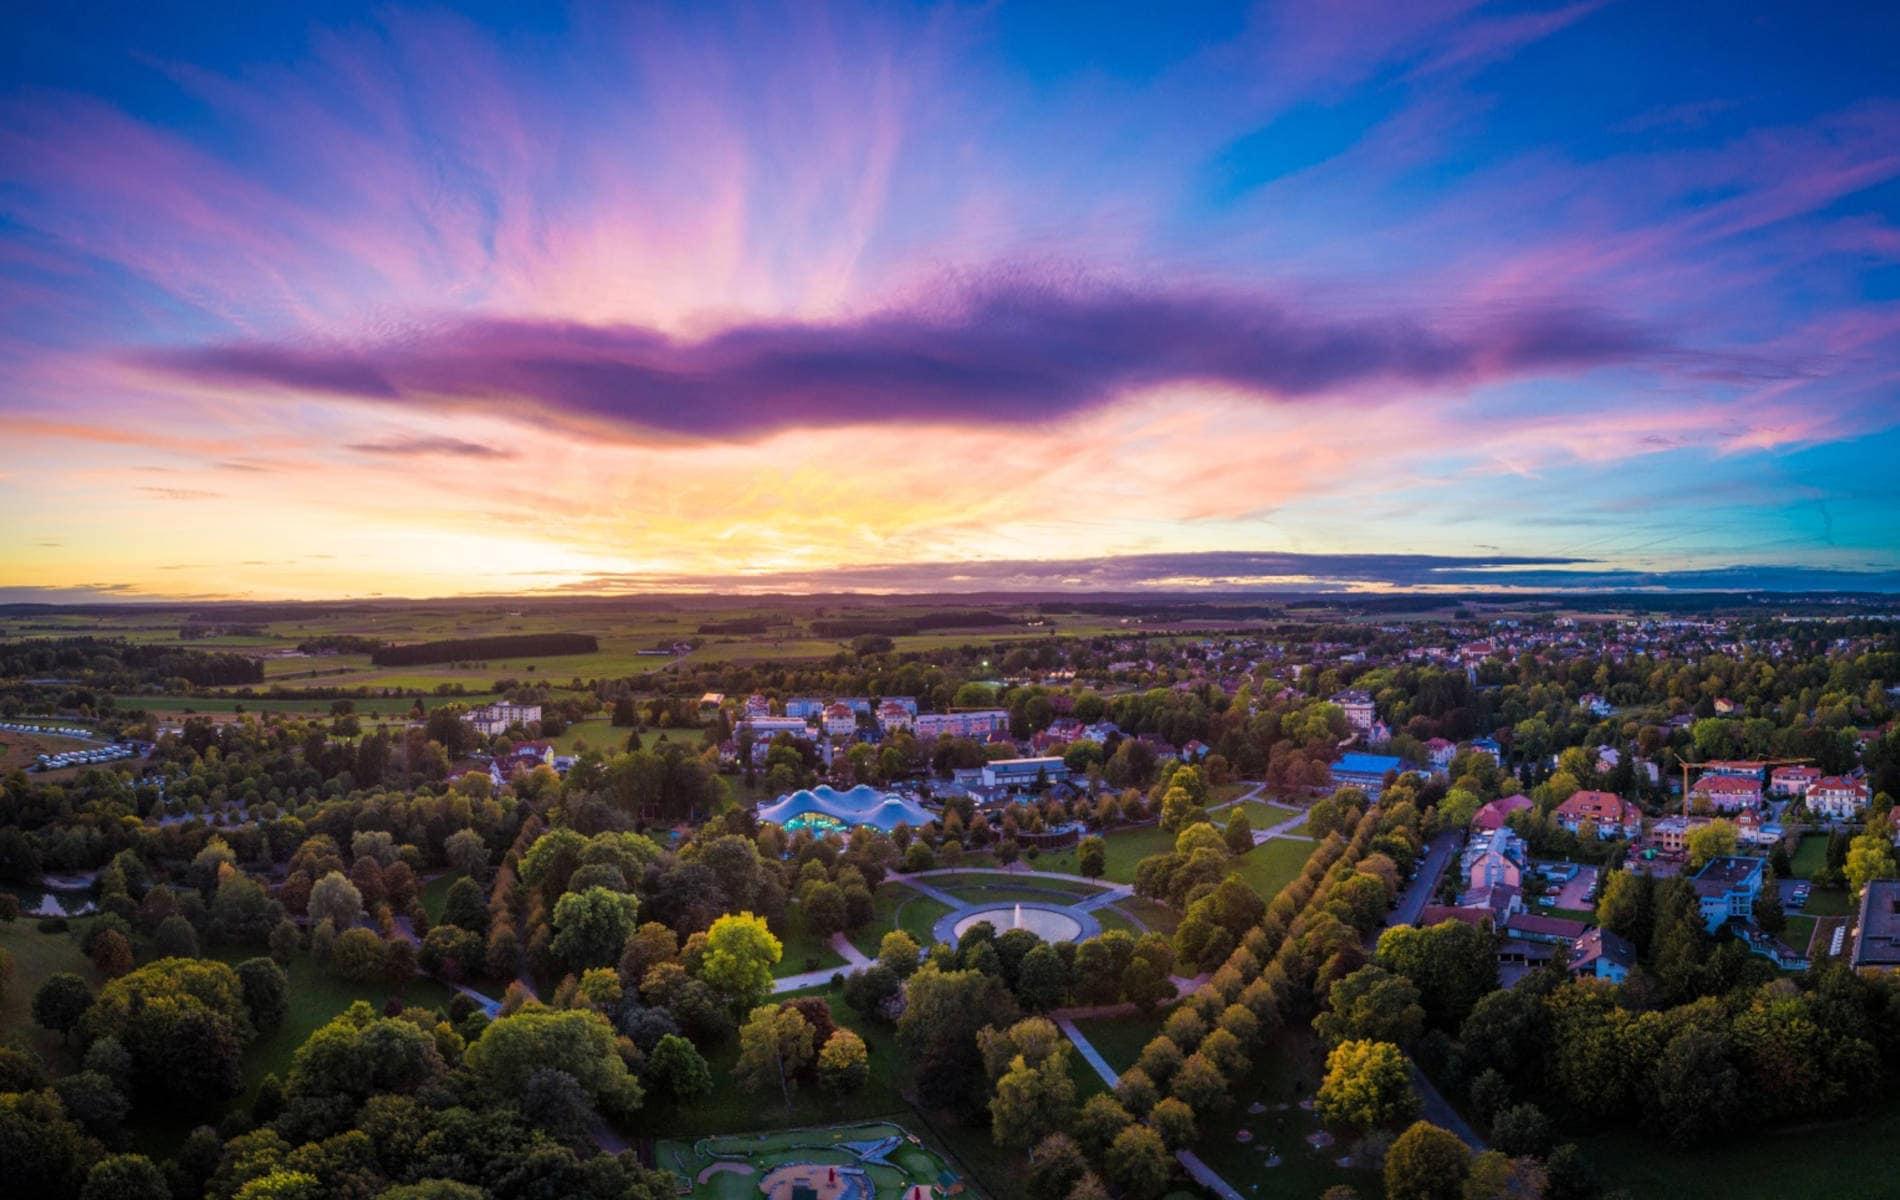 Landschaft von Bad Dürrheim zum Sonnenuntergang - Biohacking Bad Dürrheim